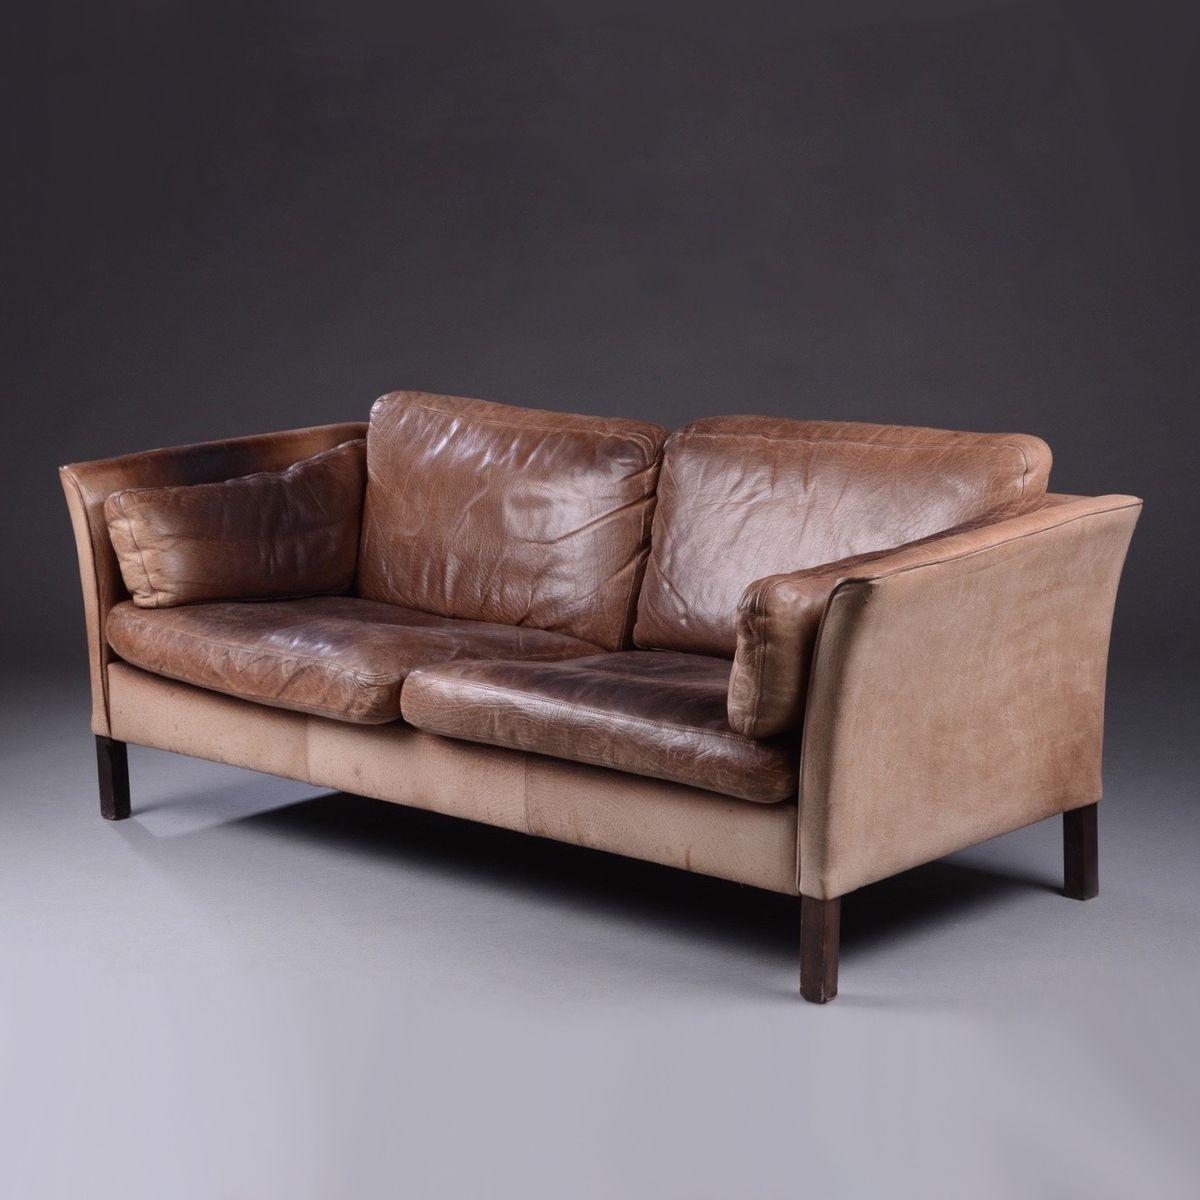 d nisches vintage ledersofa von mogens hansen bei pamono. Black Bedroom Furniture Sets. Home Design Ideas